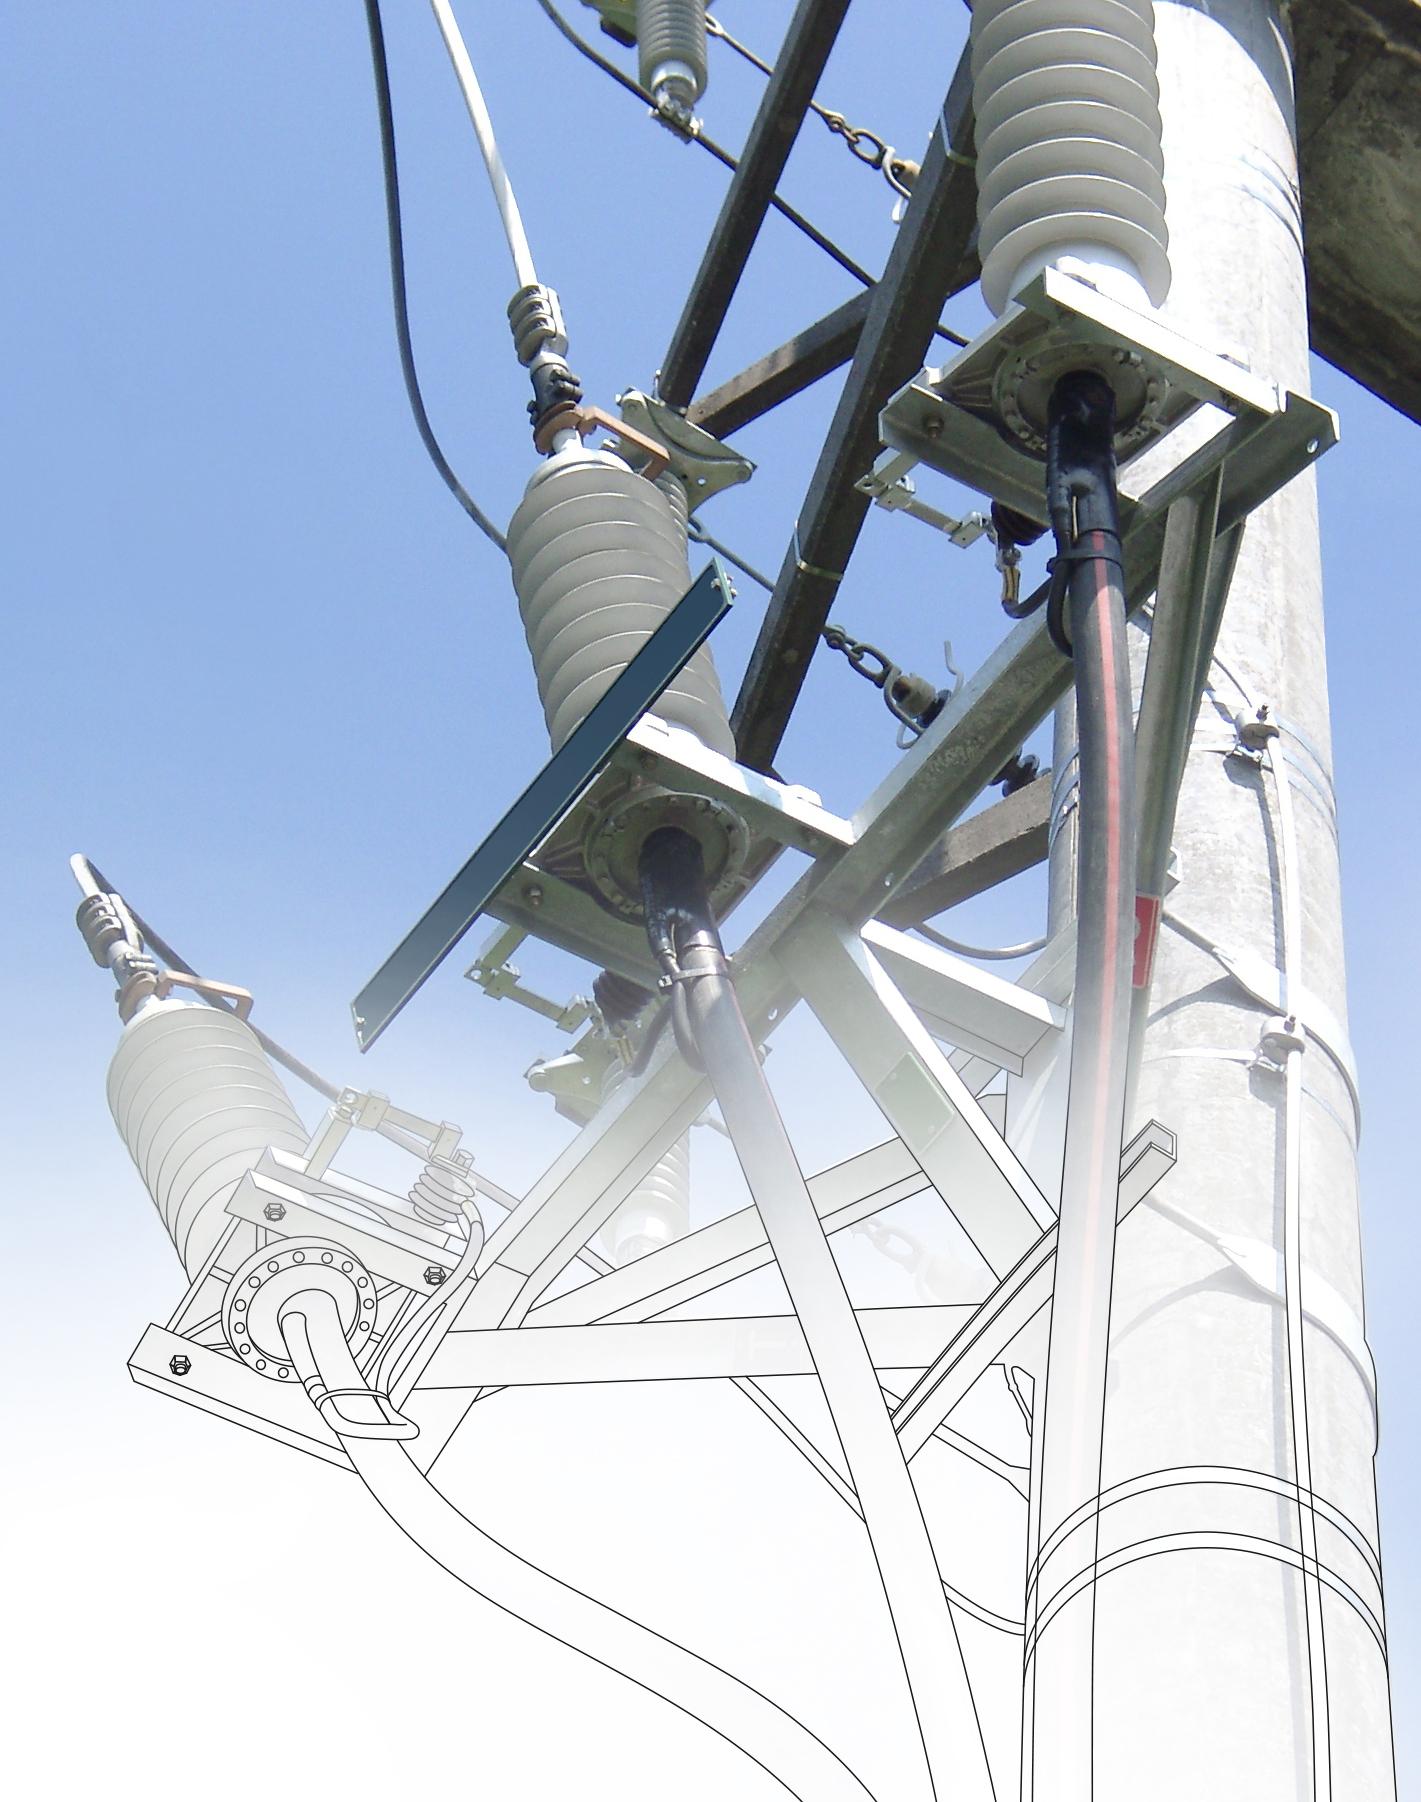 ENERGIE BIS 550 kV